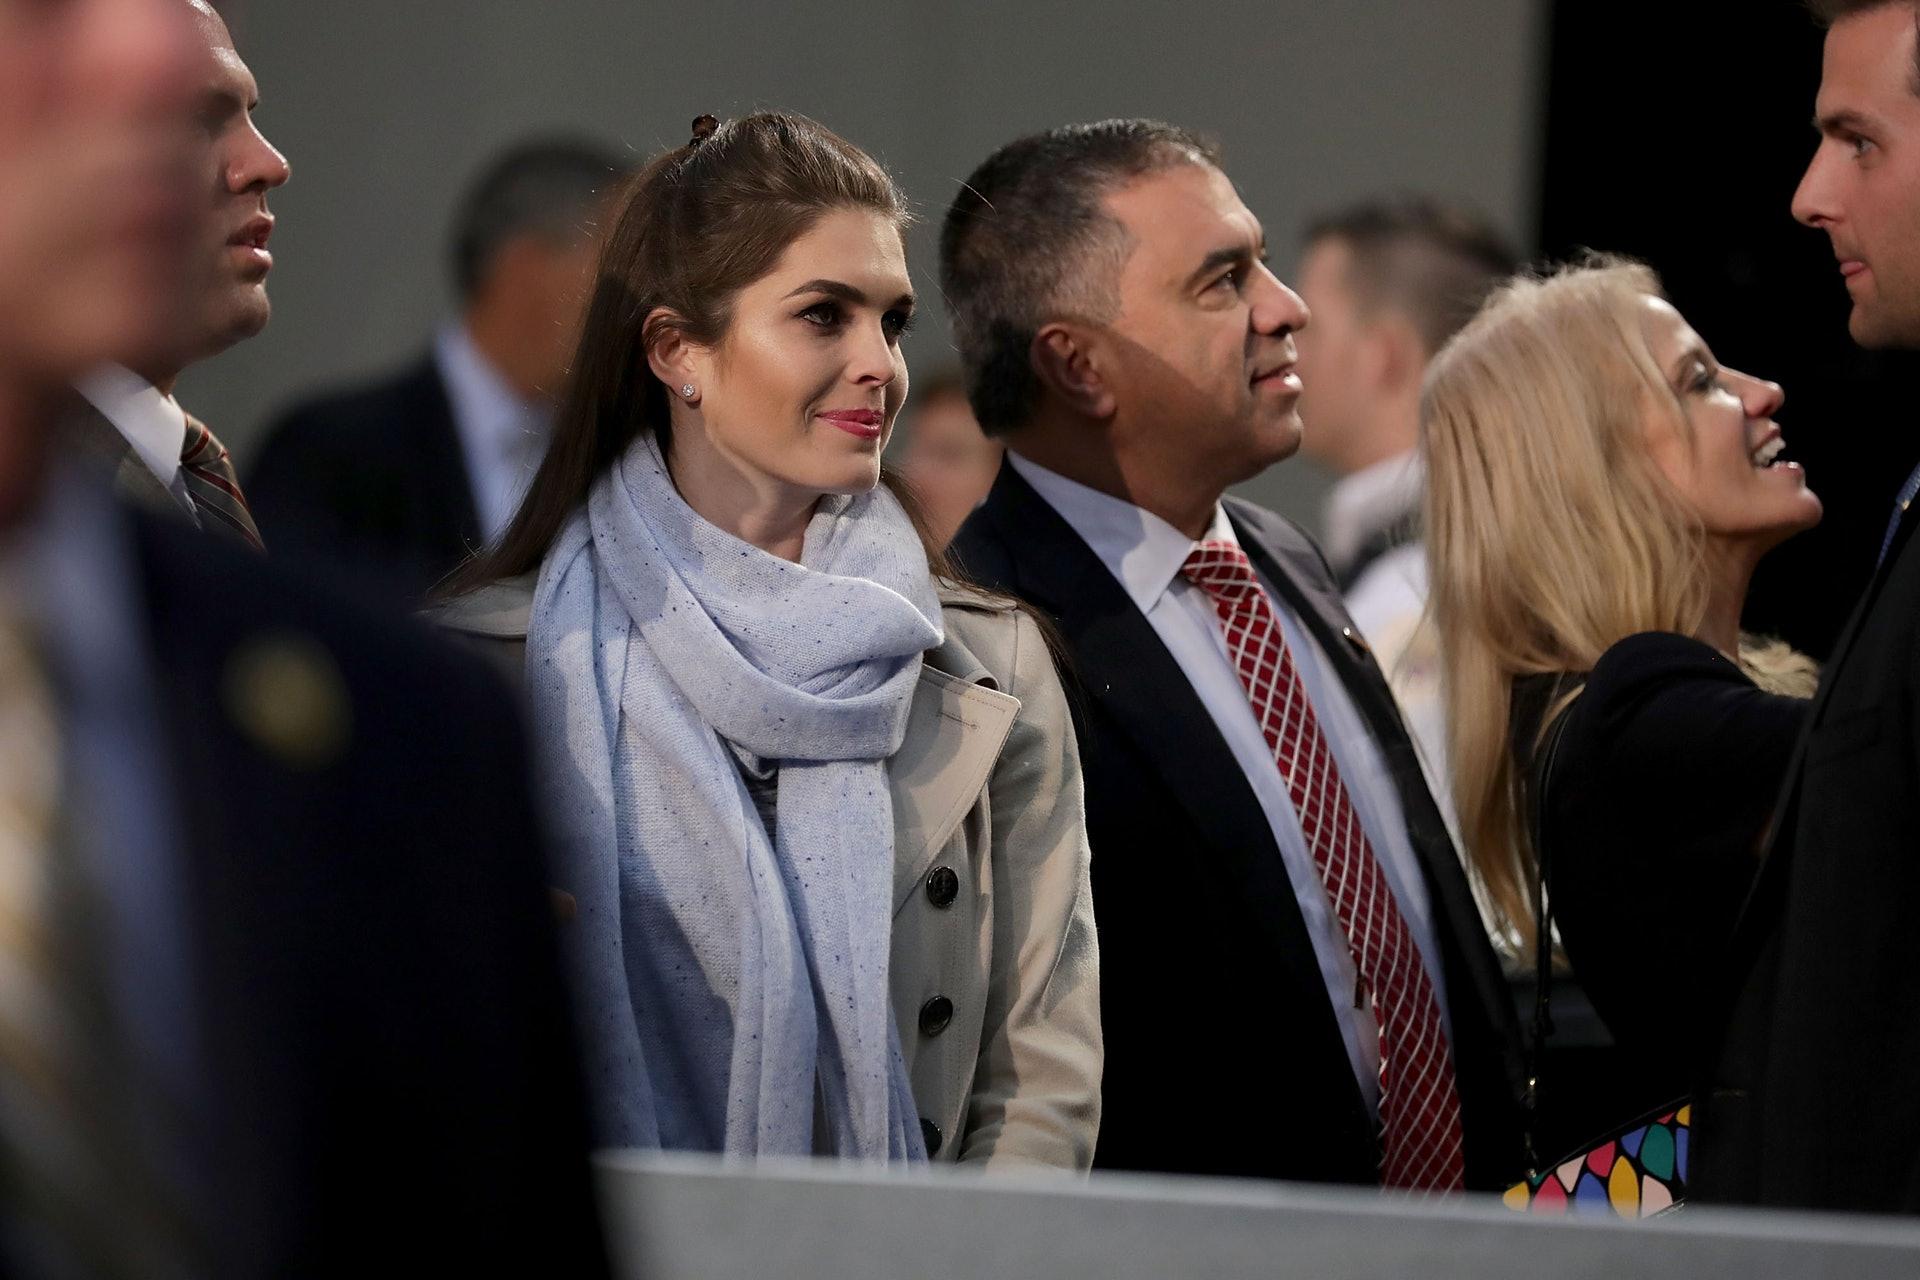 希克斯:進入集團後,希克斯迅速贏得特朗普信任。2015年1月,特朗普將她叫到辦公室,稱自己有意參加來年大選,並希望委任她成為新聞秘書。圖為2016年11月,希克斯現身特朗普的競選集會。(Getty)